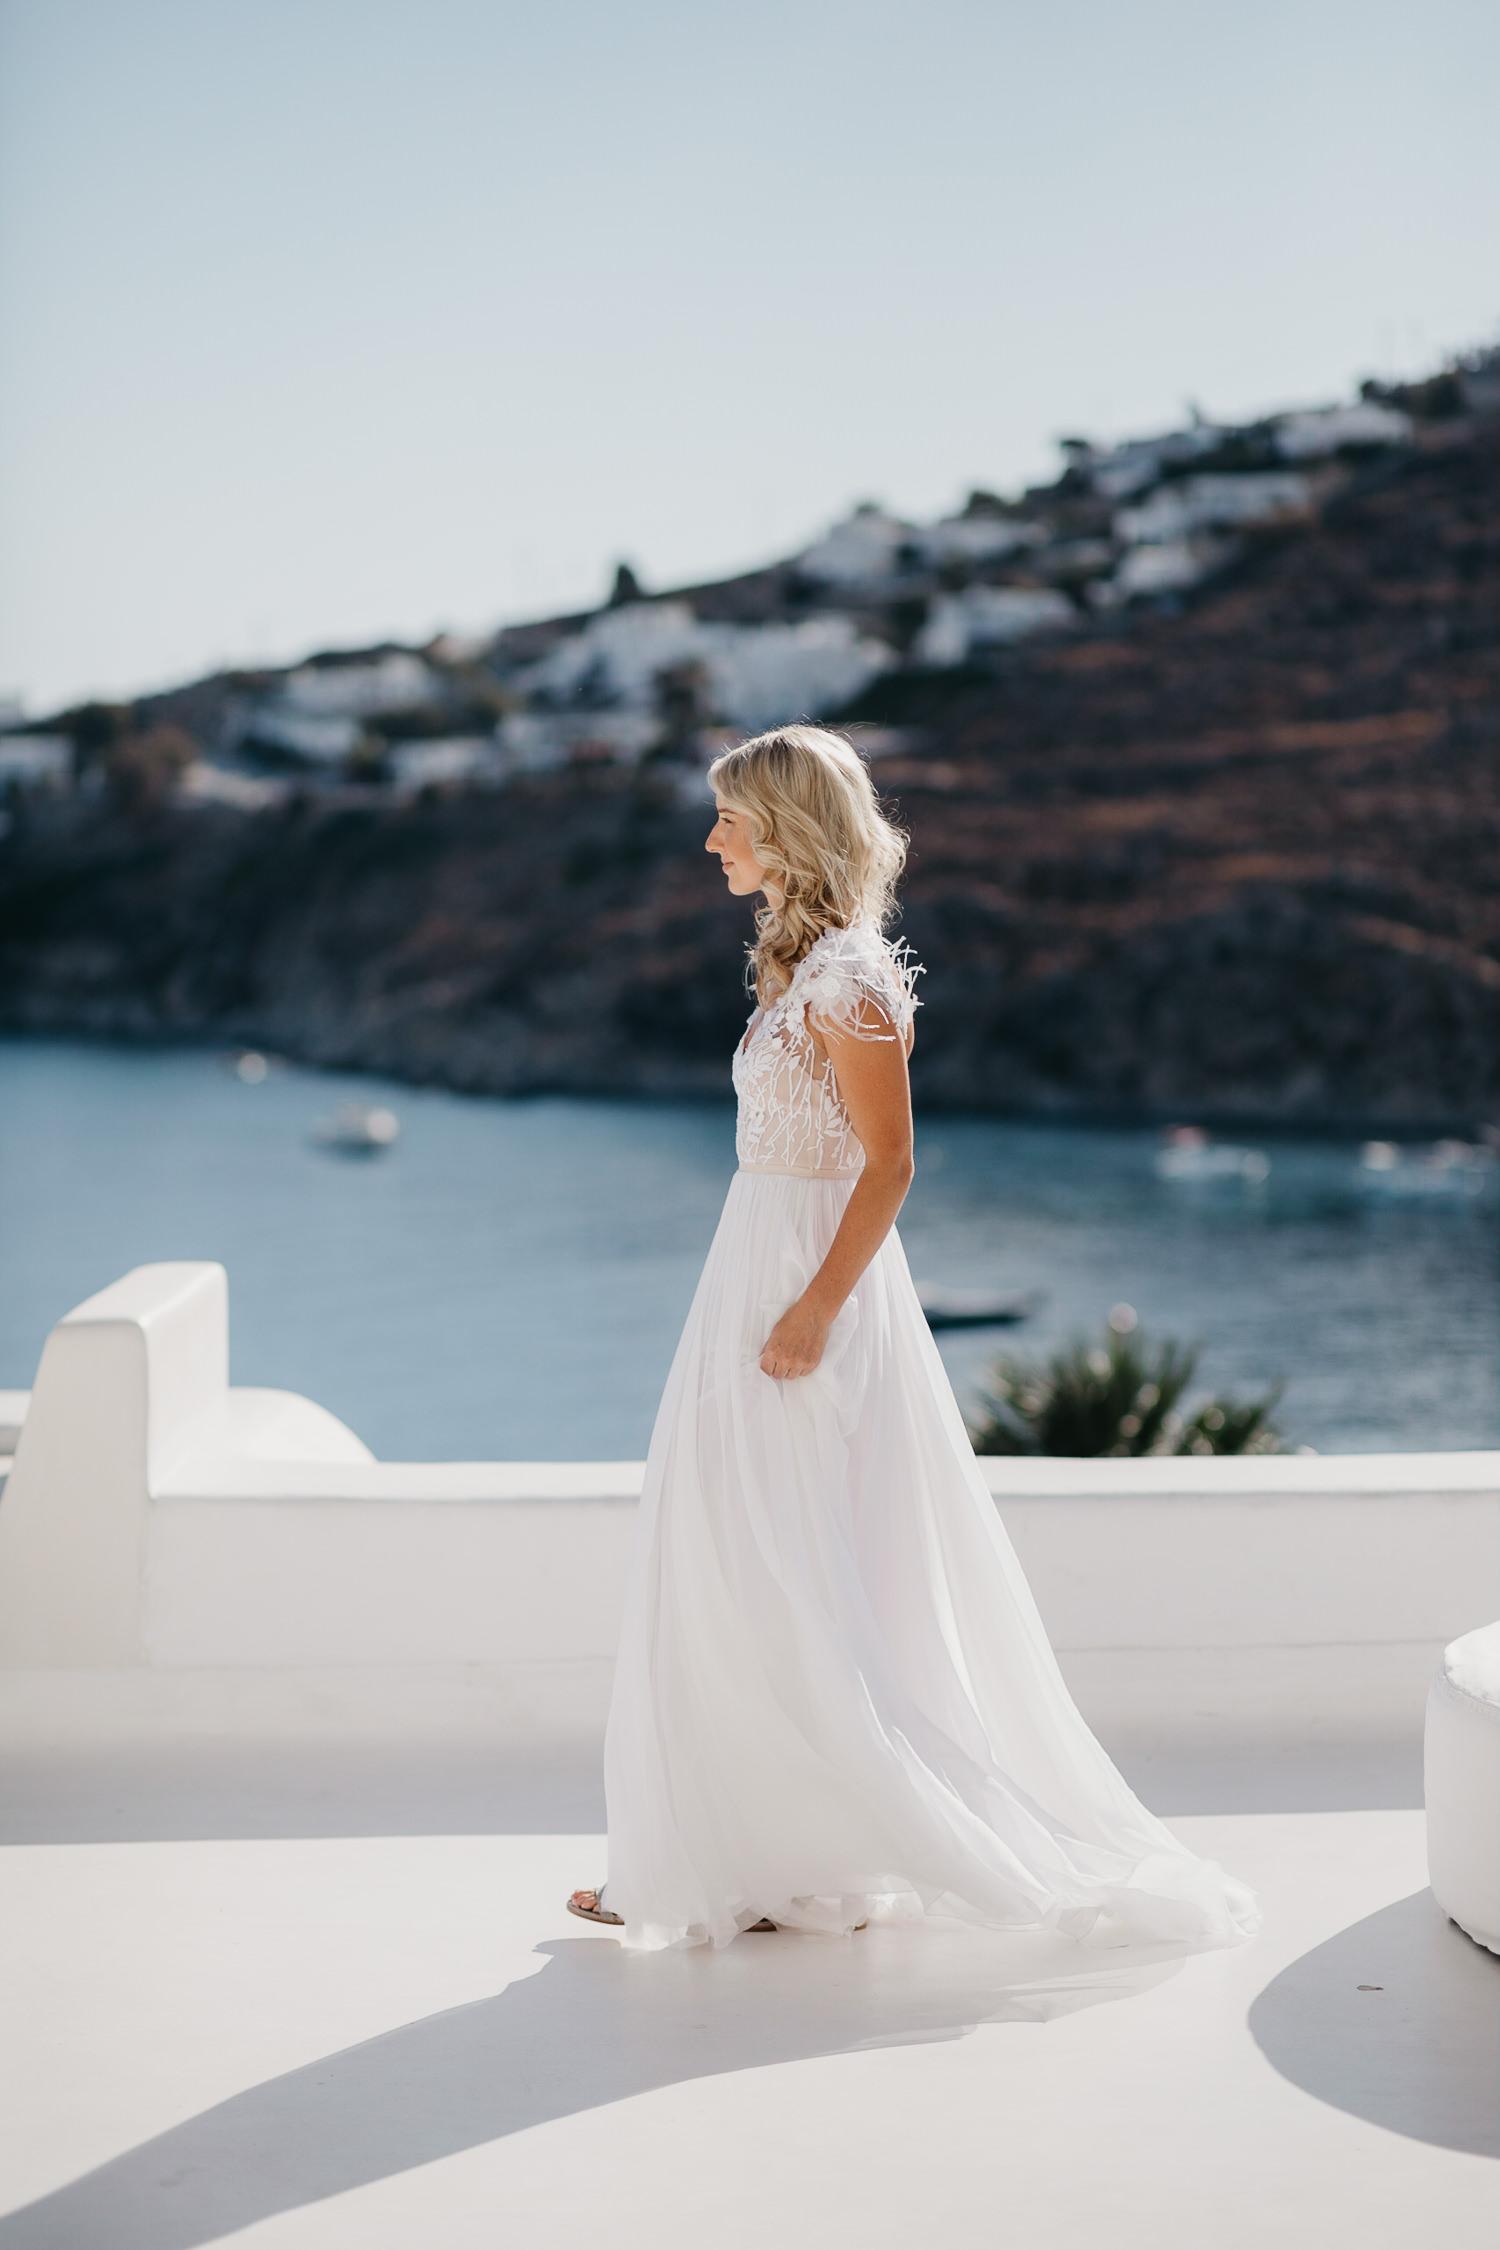 Hippie Fish Mykonos Wedding Photographer - Liron Erel Echoes & Wild Hearts 0022.jpg